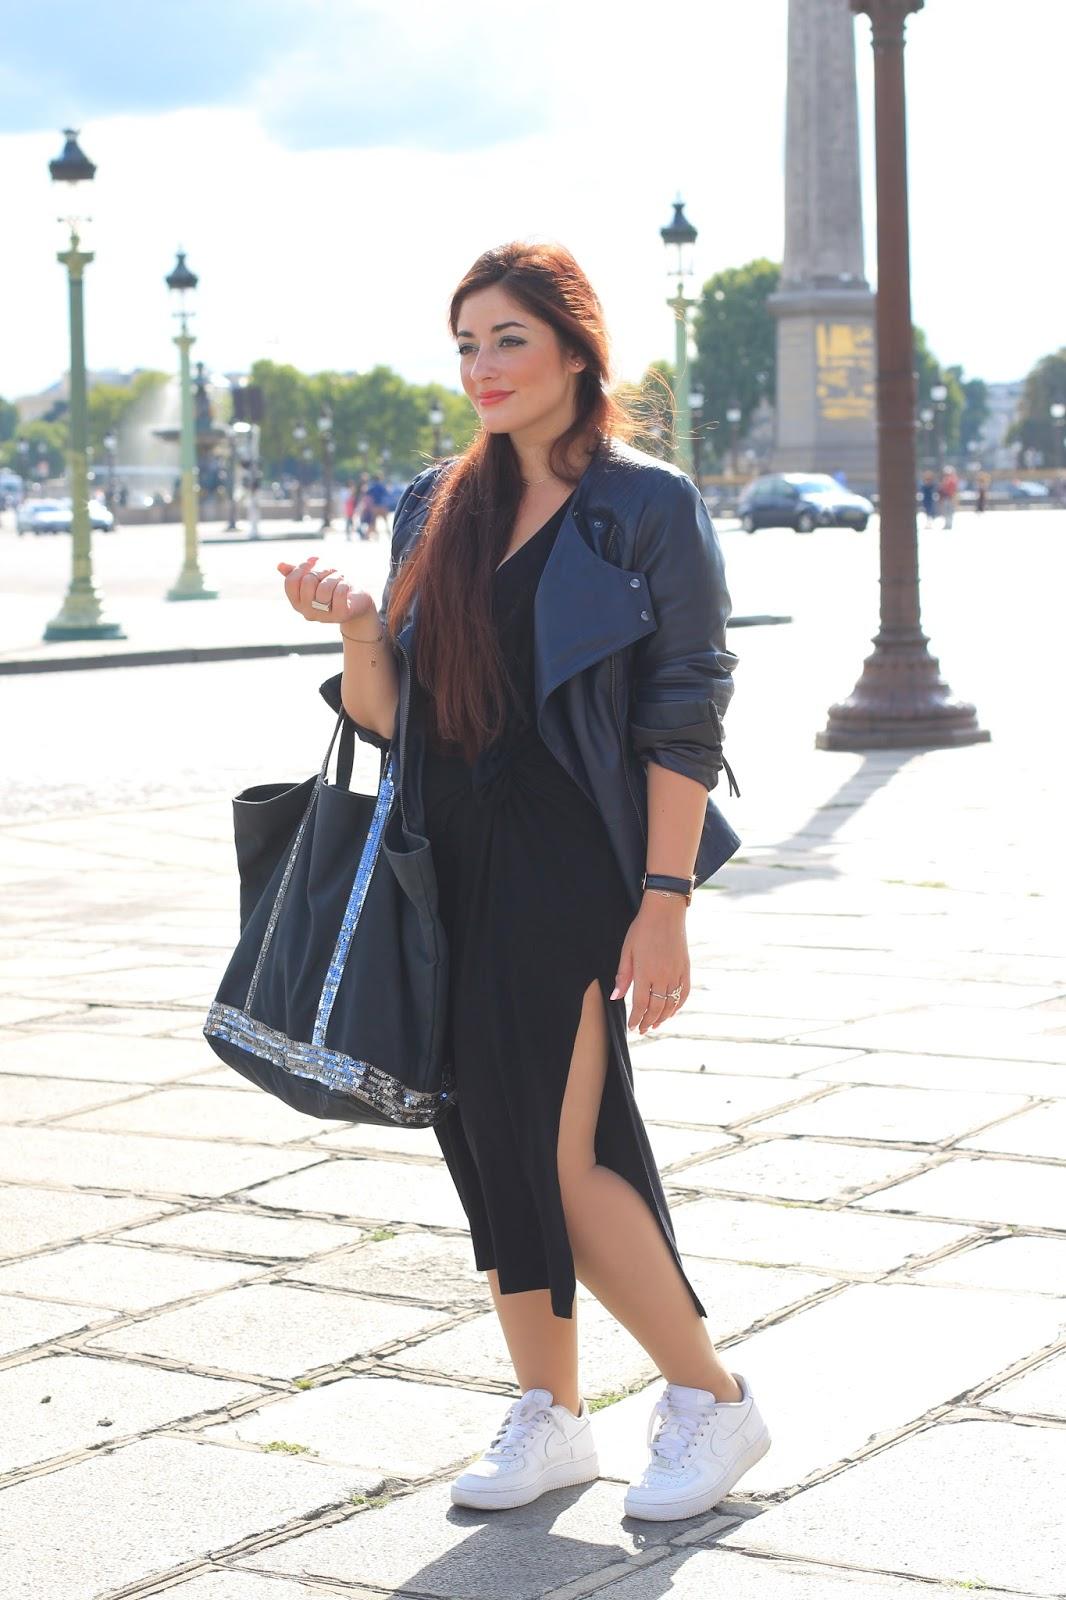 Veste sur robe longue noire